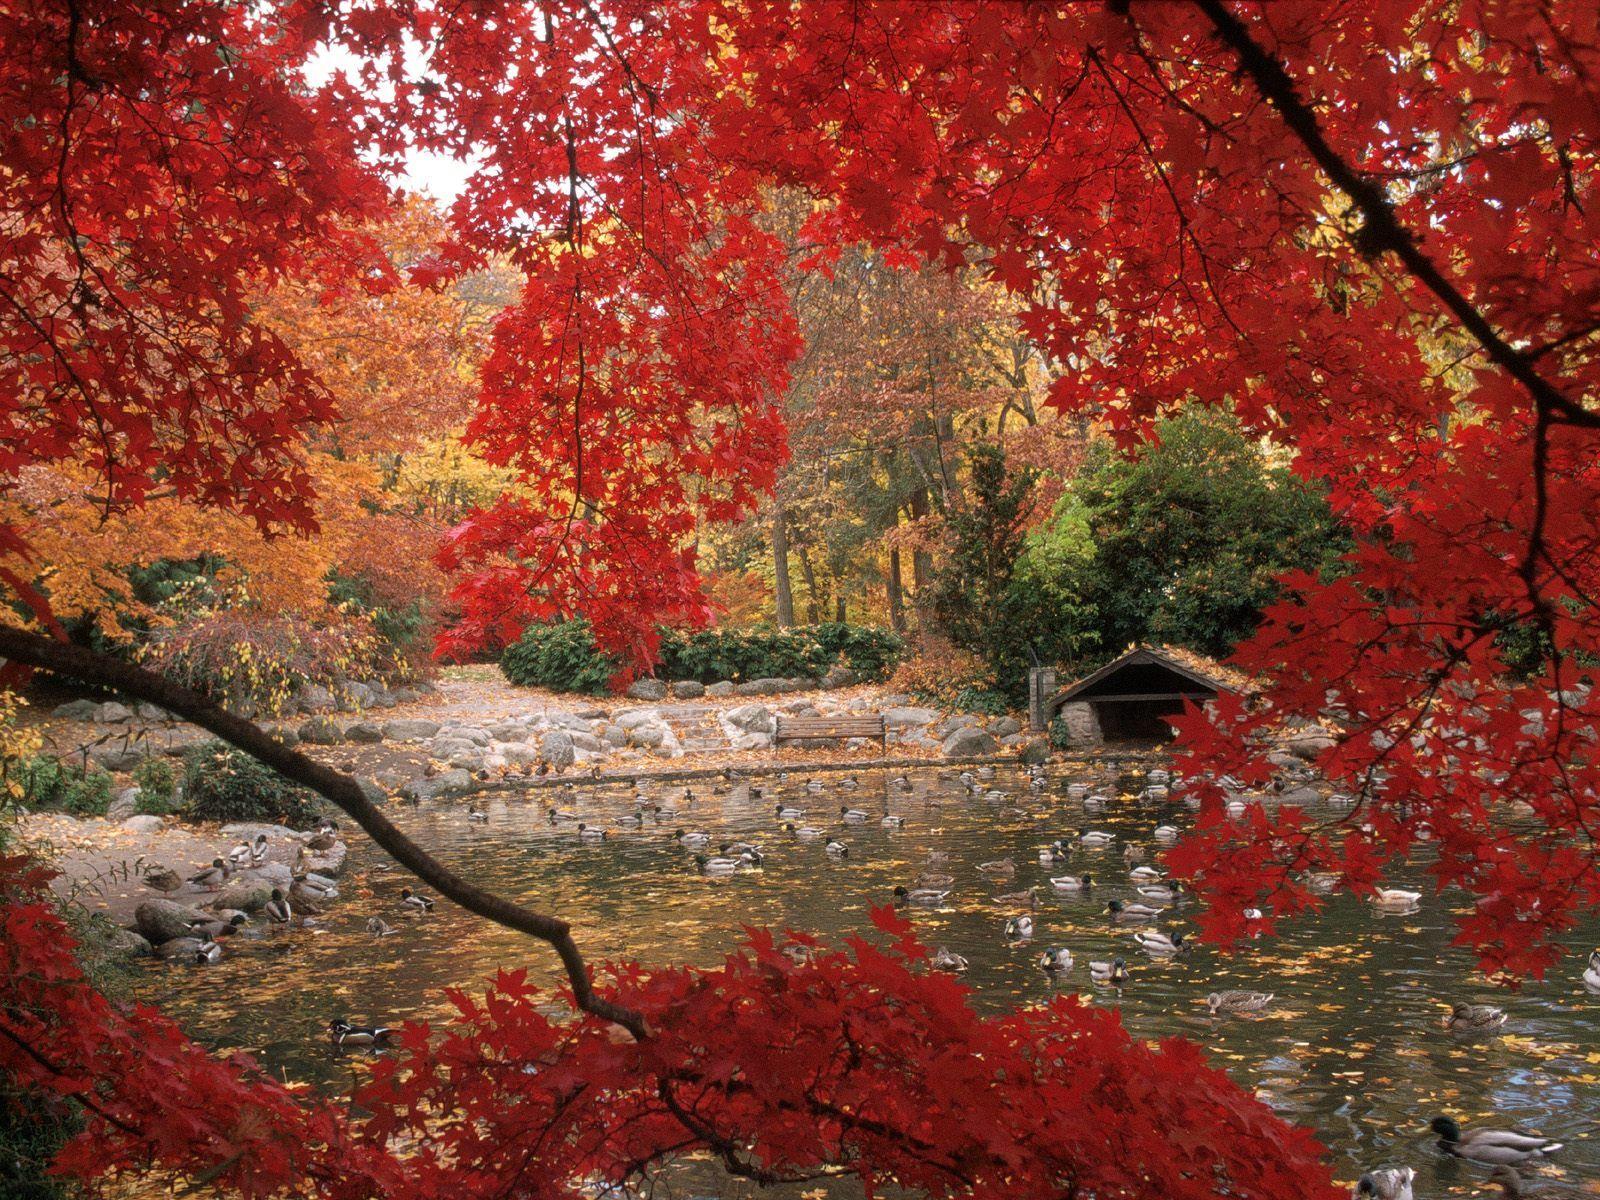 129770 скачать обои Природа, Птицы, Деревья, Утки, Пруд - заставки и картинки бесплатно